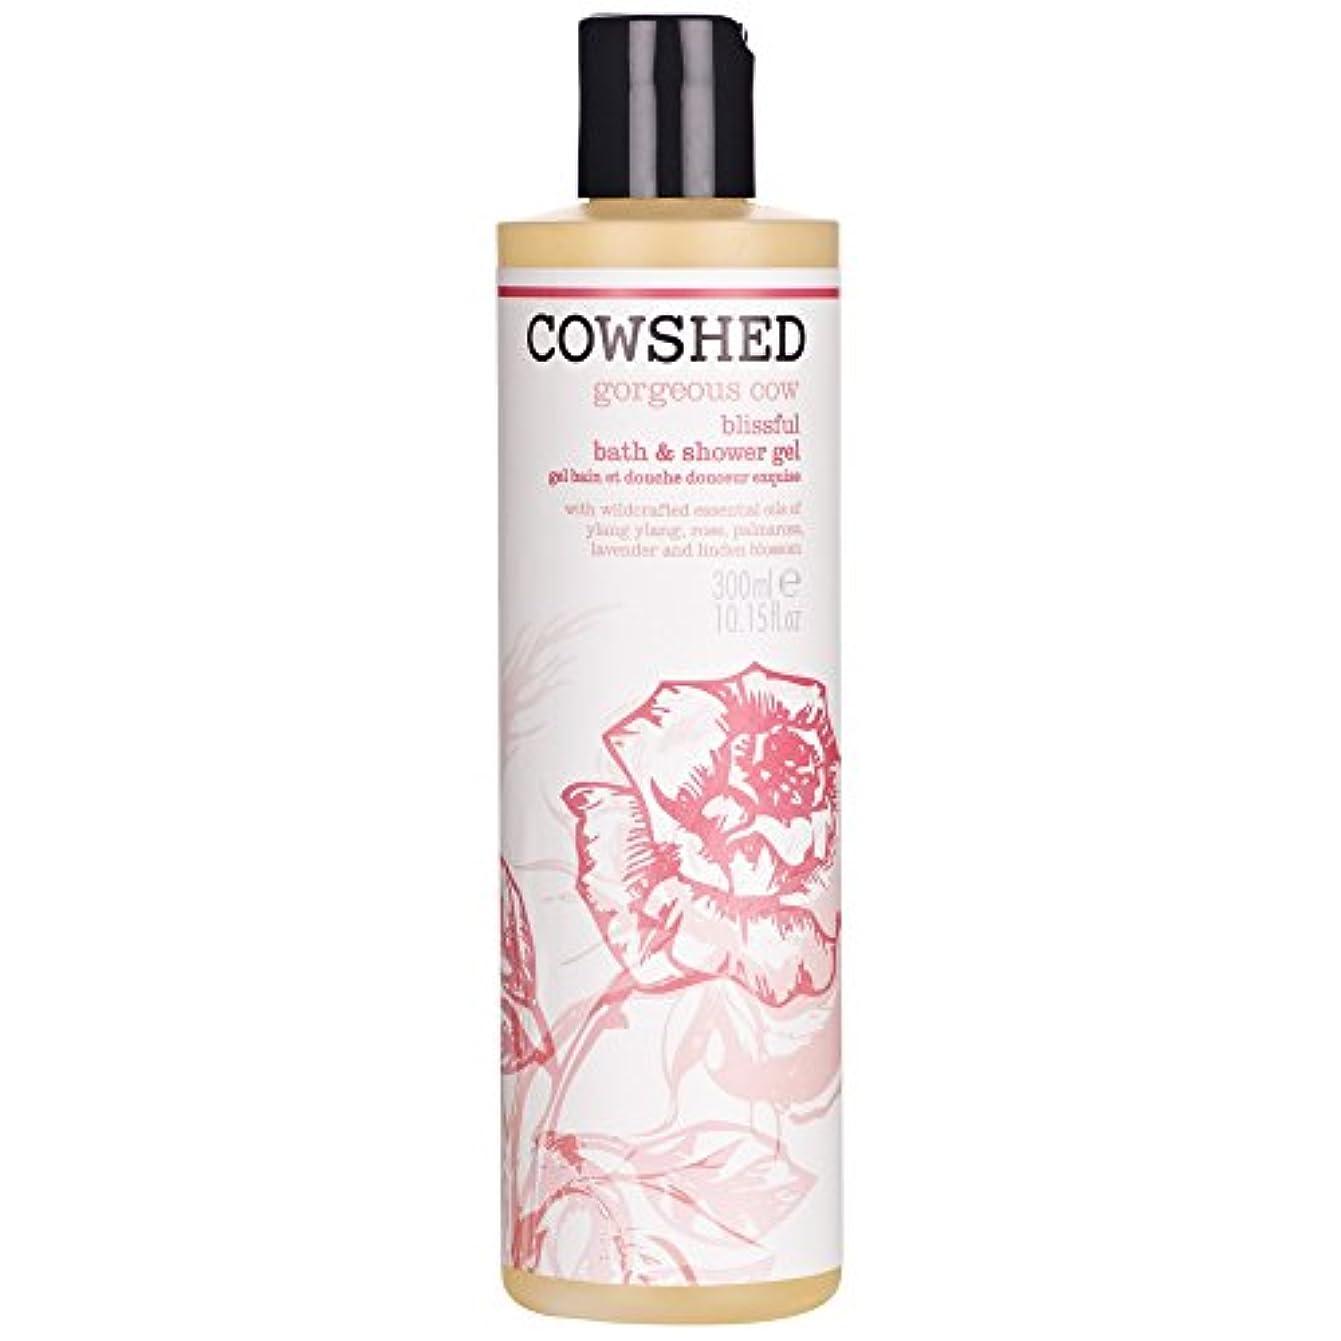 バッグ半導体好奇心牛舎ゴージャスな牛のバス&シャワージェル300ミリリットル (Cowshed) (x6) - Cowshed Gorgeous Cow Bath & Shower Gel 300ml (Pack of 6) [並行輸入品]